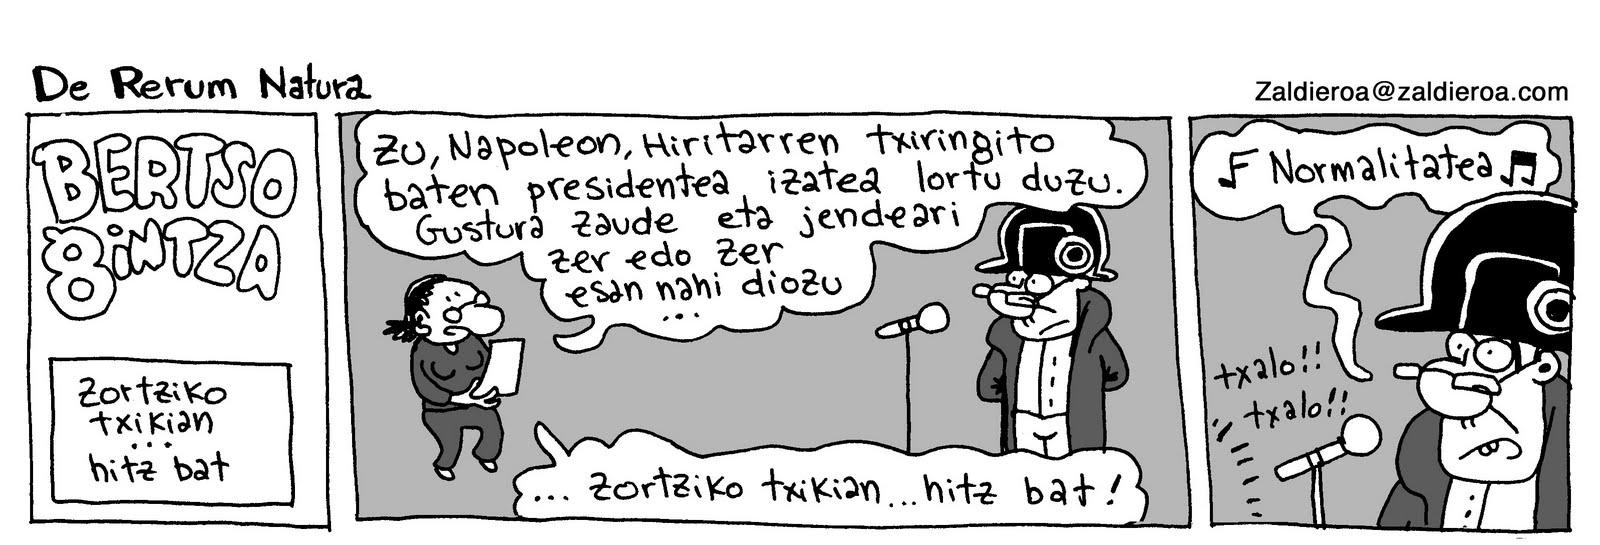 Napoleon Berrian, bertsogintza